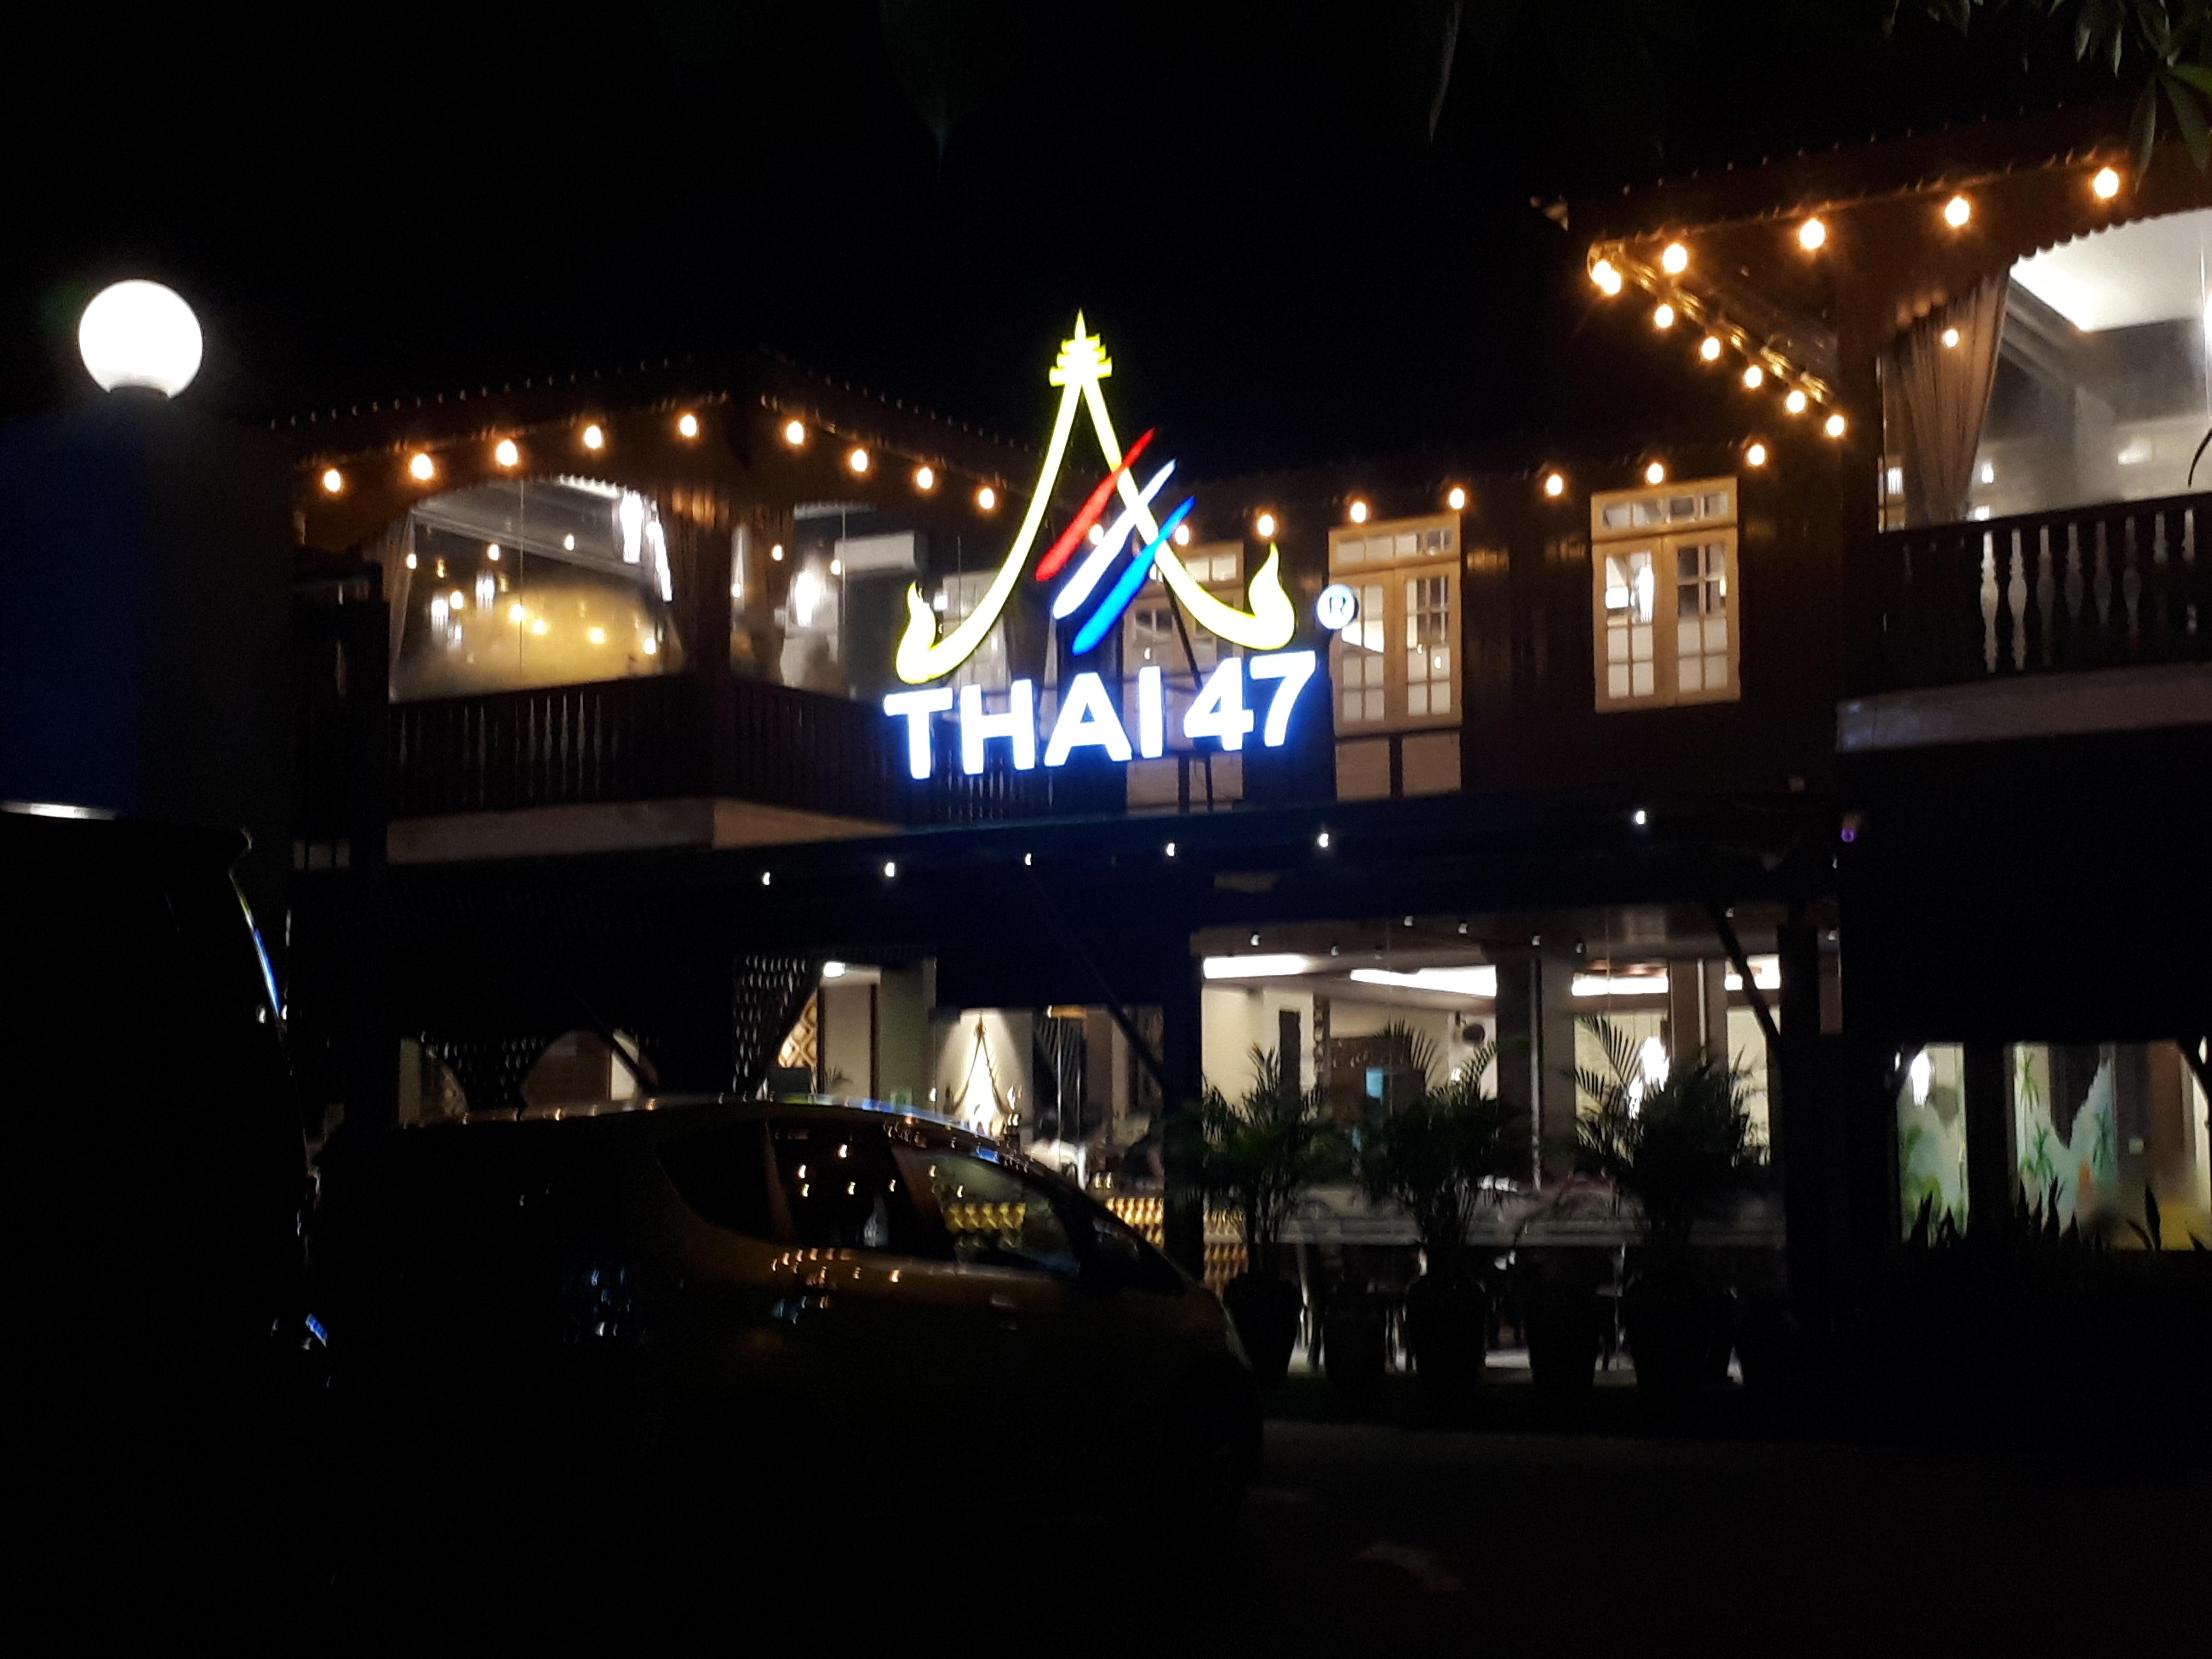 Thai47 タイ駐在経験者がミャンマー料理を食べたくなく、和食に飽きた時にお連れするとニーズがある店